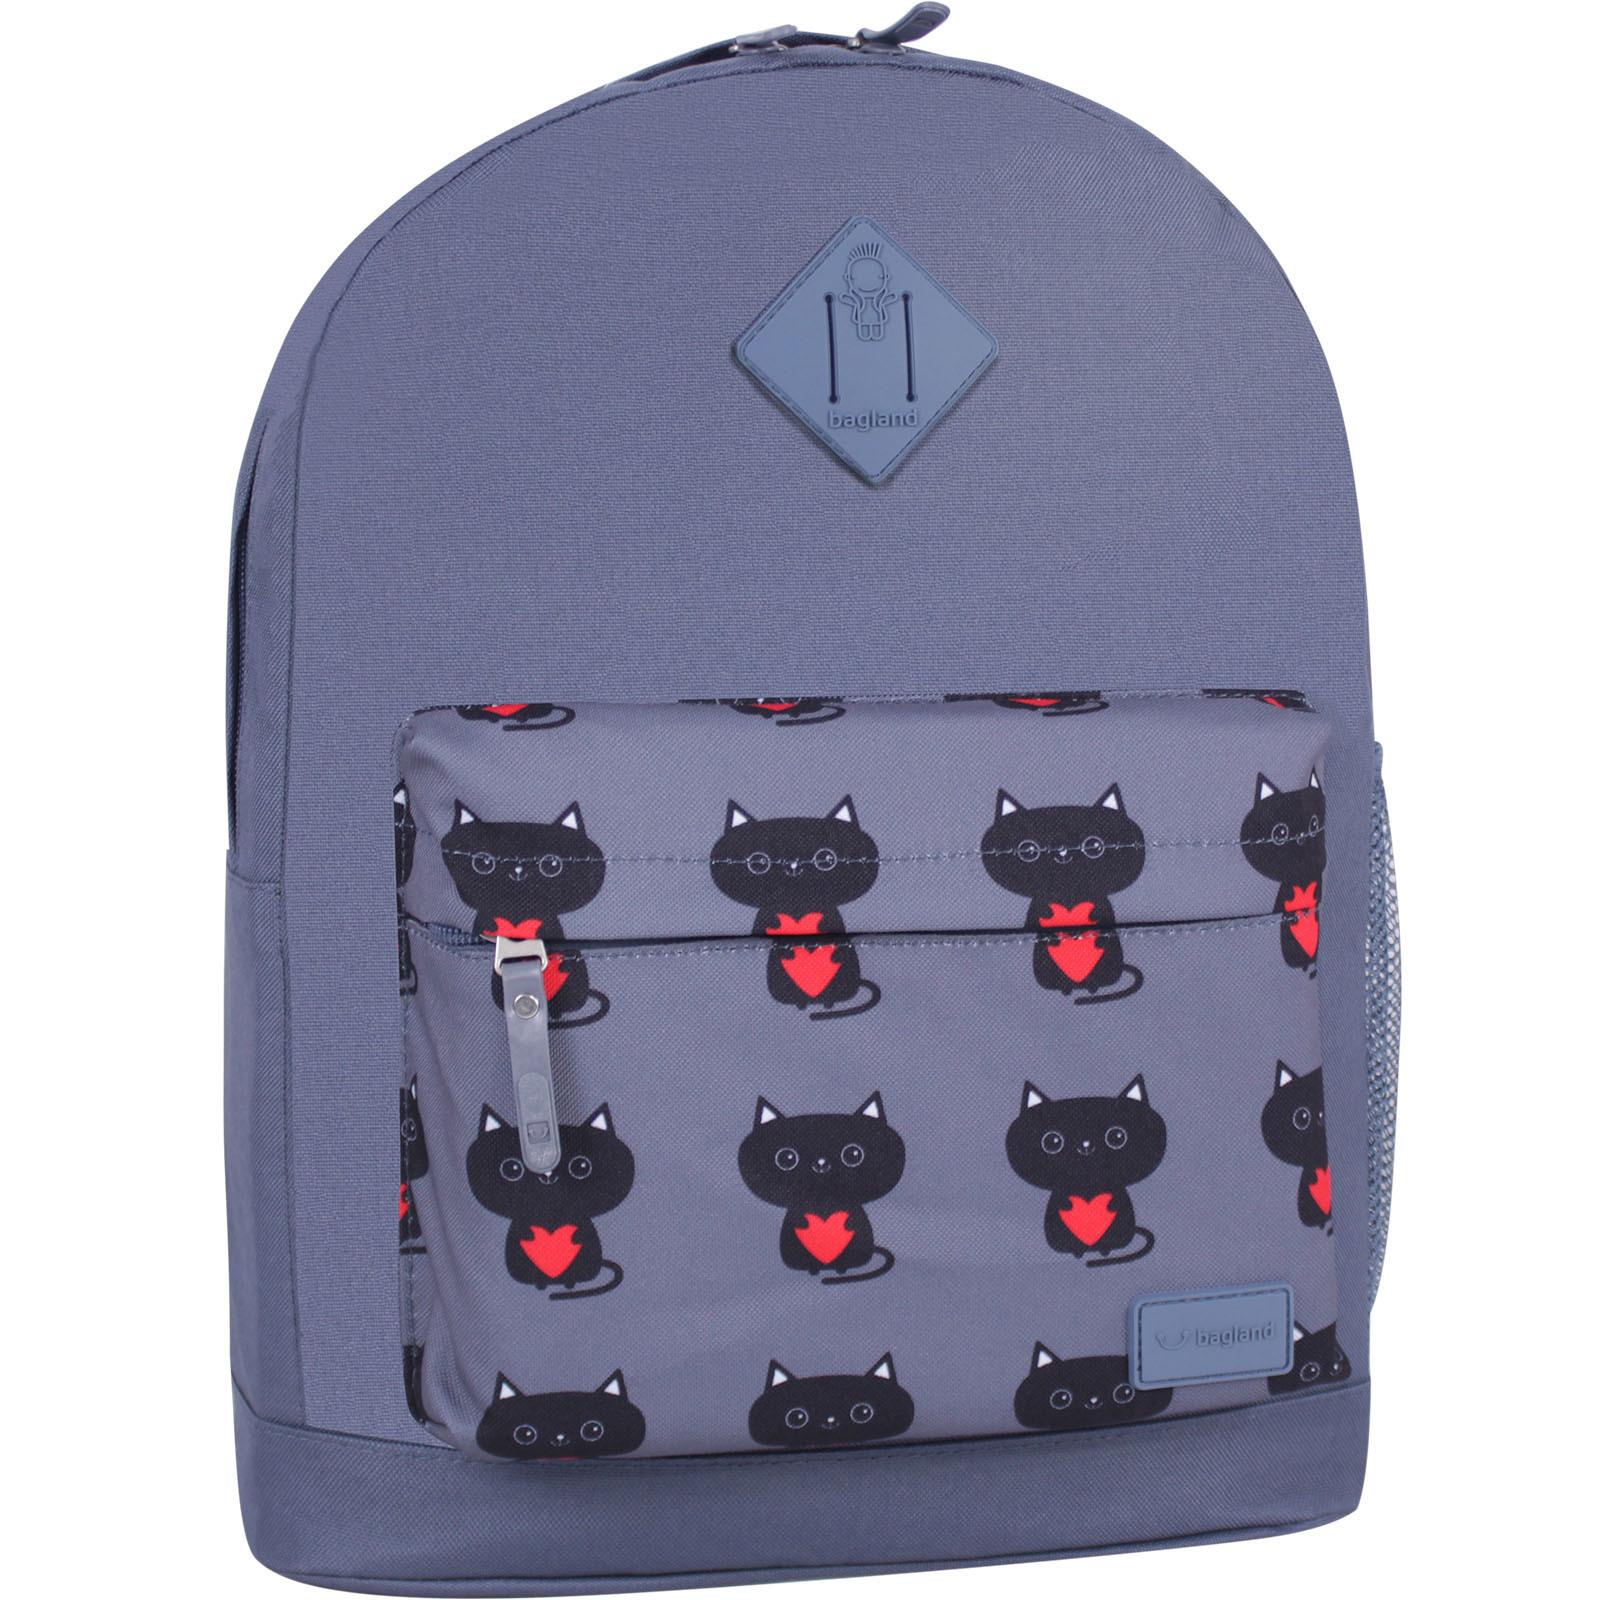 Молодежные рюкзаки Рюкзак Bagland Молодежный W/R 17 л. Серый 750 (00533662) IMG_6457_суб.750_-1600.jpg